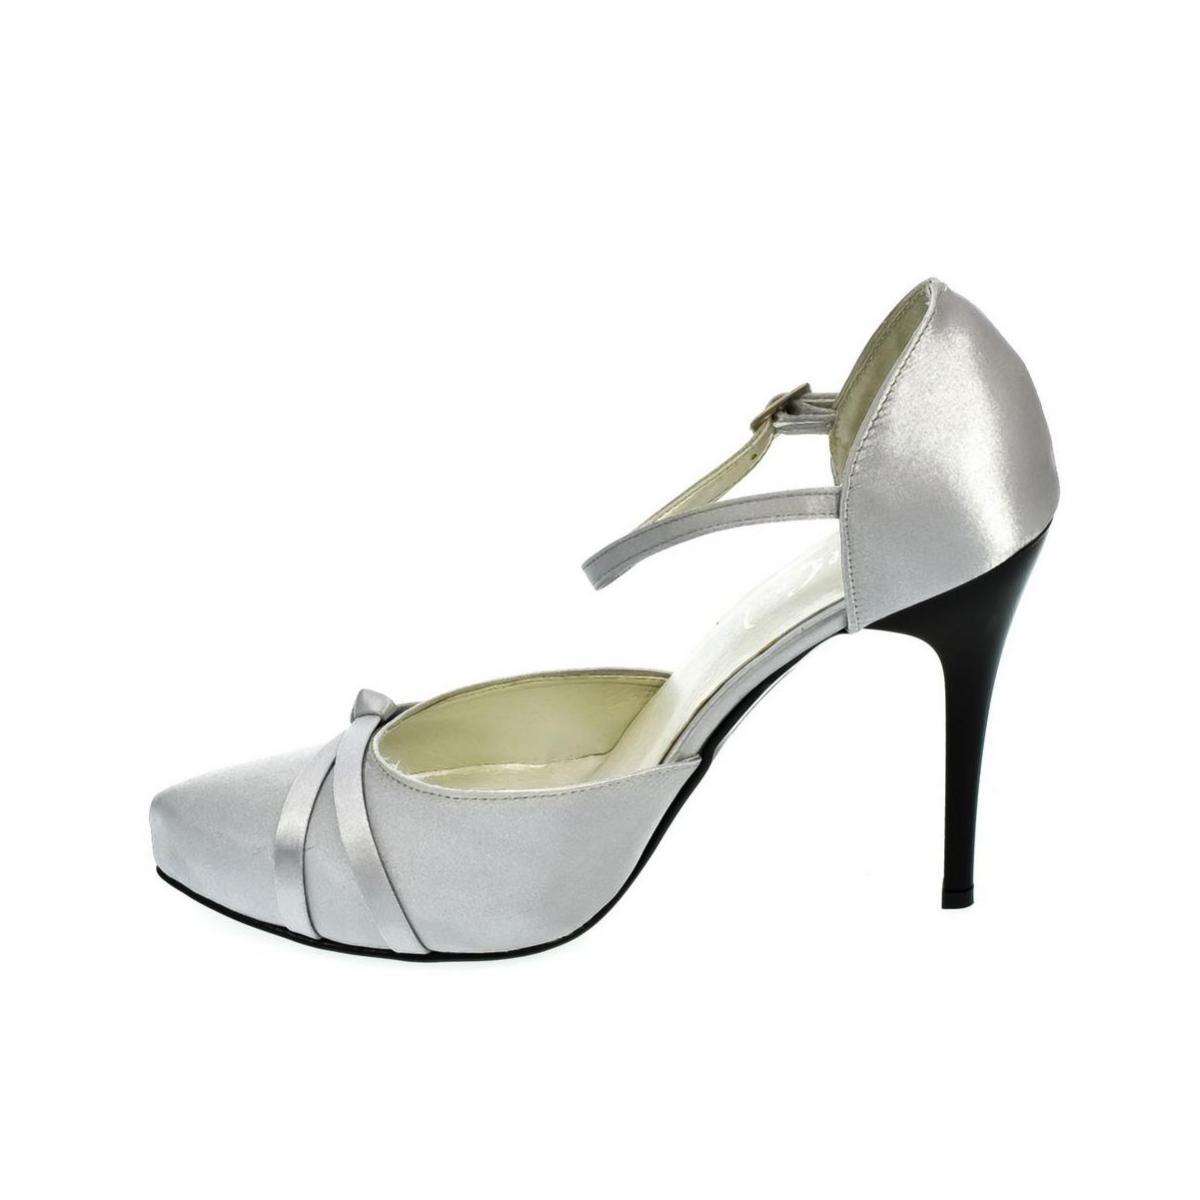 b6ebf6b5dfc5 Dámske strieborné sandále PEBLINII P70 - 5